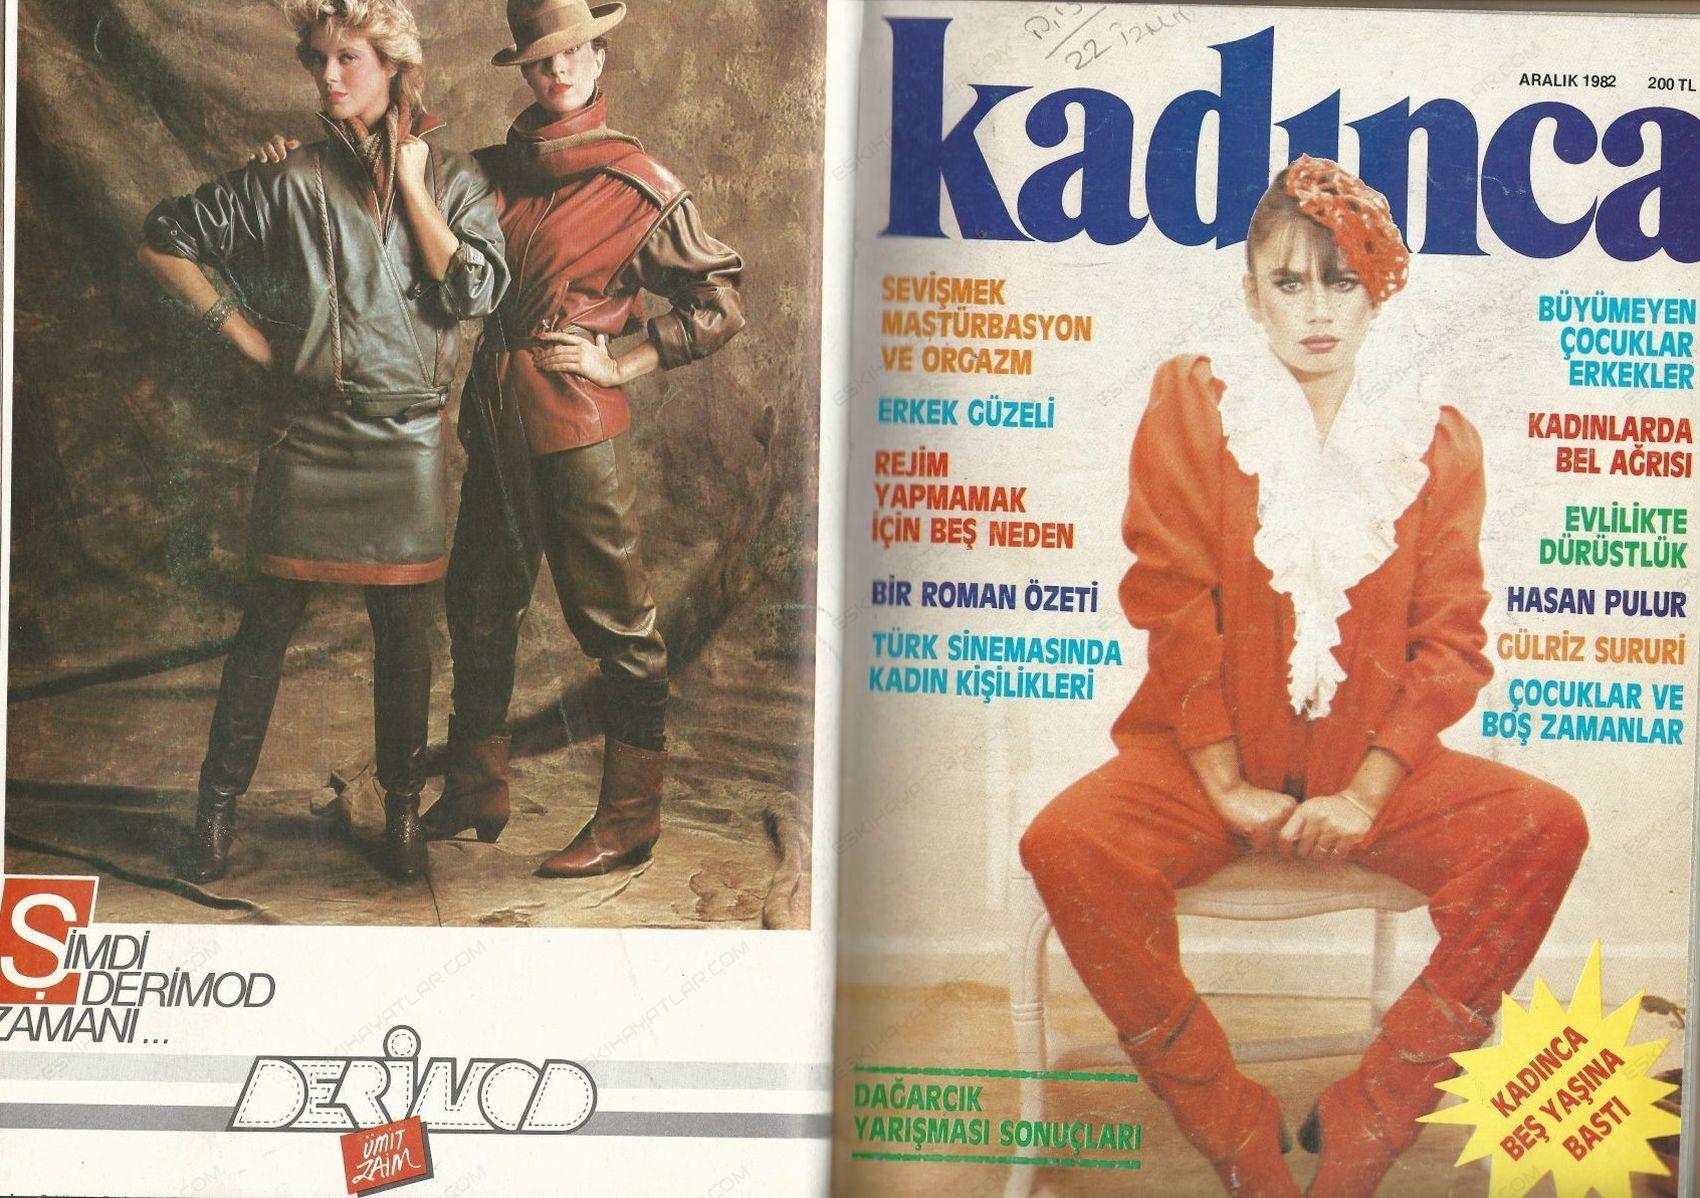 0365-sezen-aksu-ile-normal-bir-soylesi-1982-kadinca-dergisi (6)